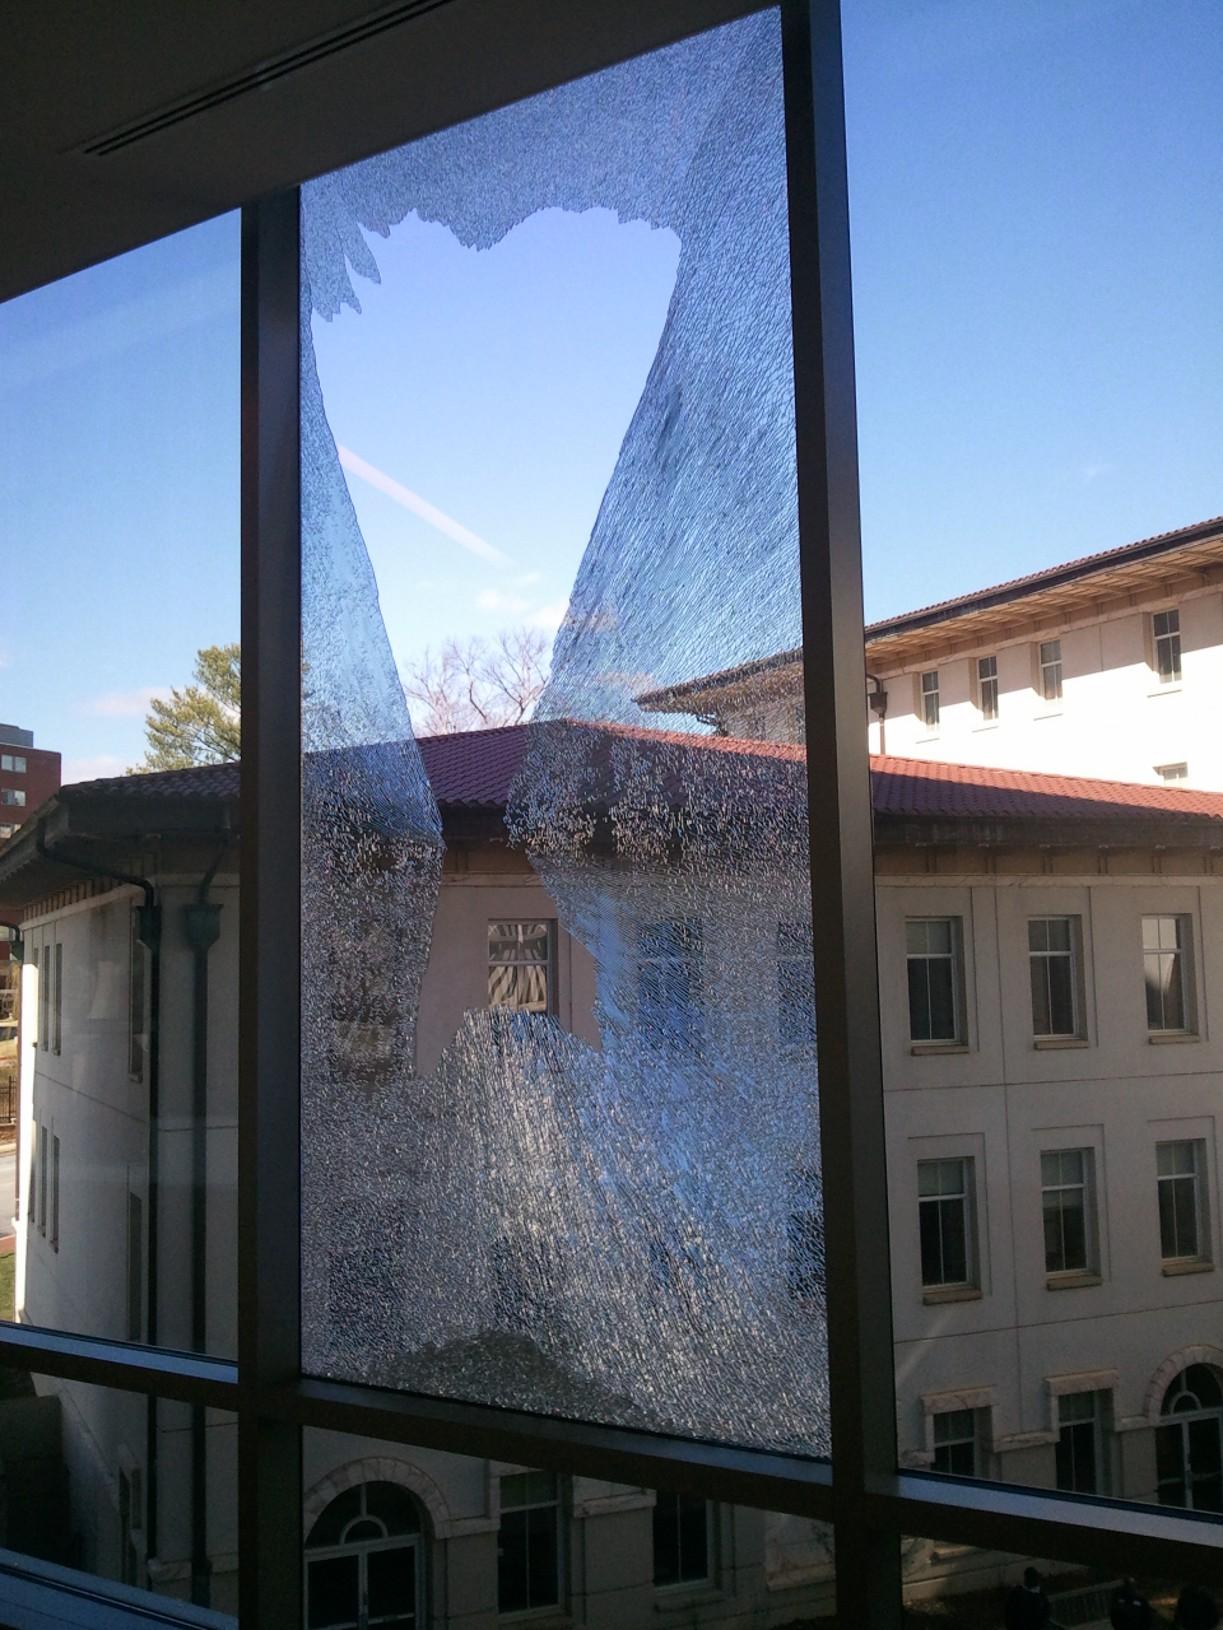 لماذا تنكسر النوافذ الزجاجية عند اندلاع الحرائق - لماذا ينكسر الزجاج وقت الحريق - لماذا تتحظم النوافذ الزجاجية عندما يشتعل المنزل - انكسار الزجاج